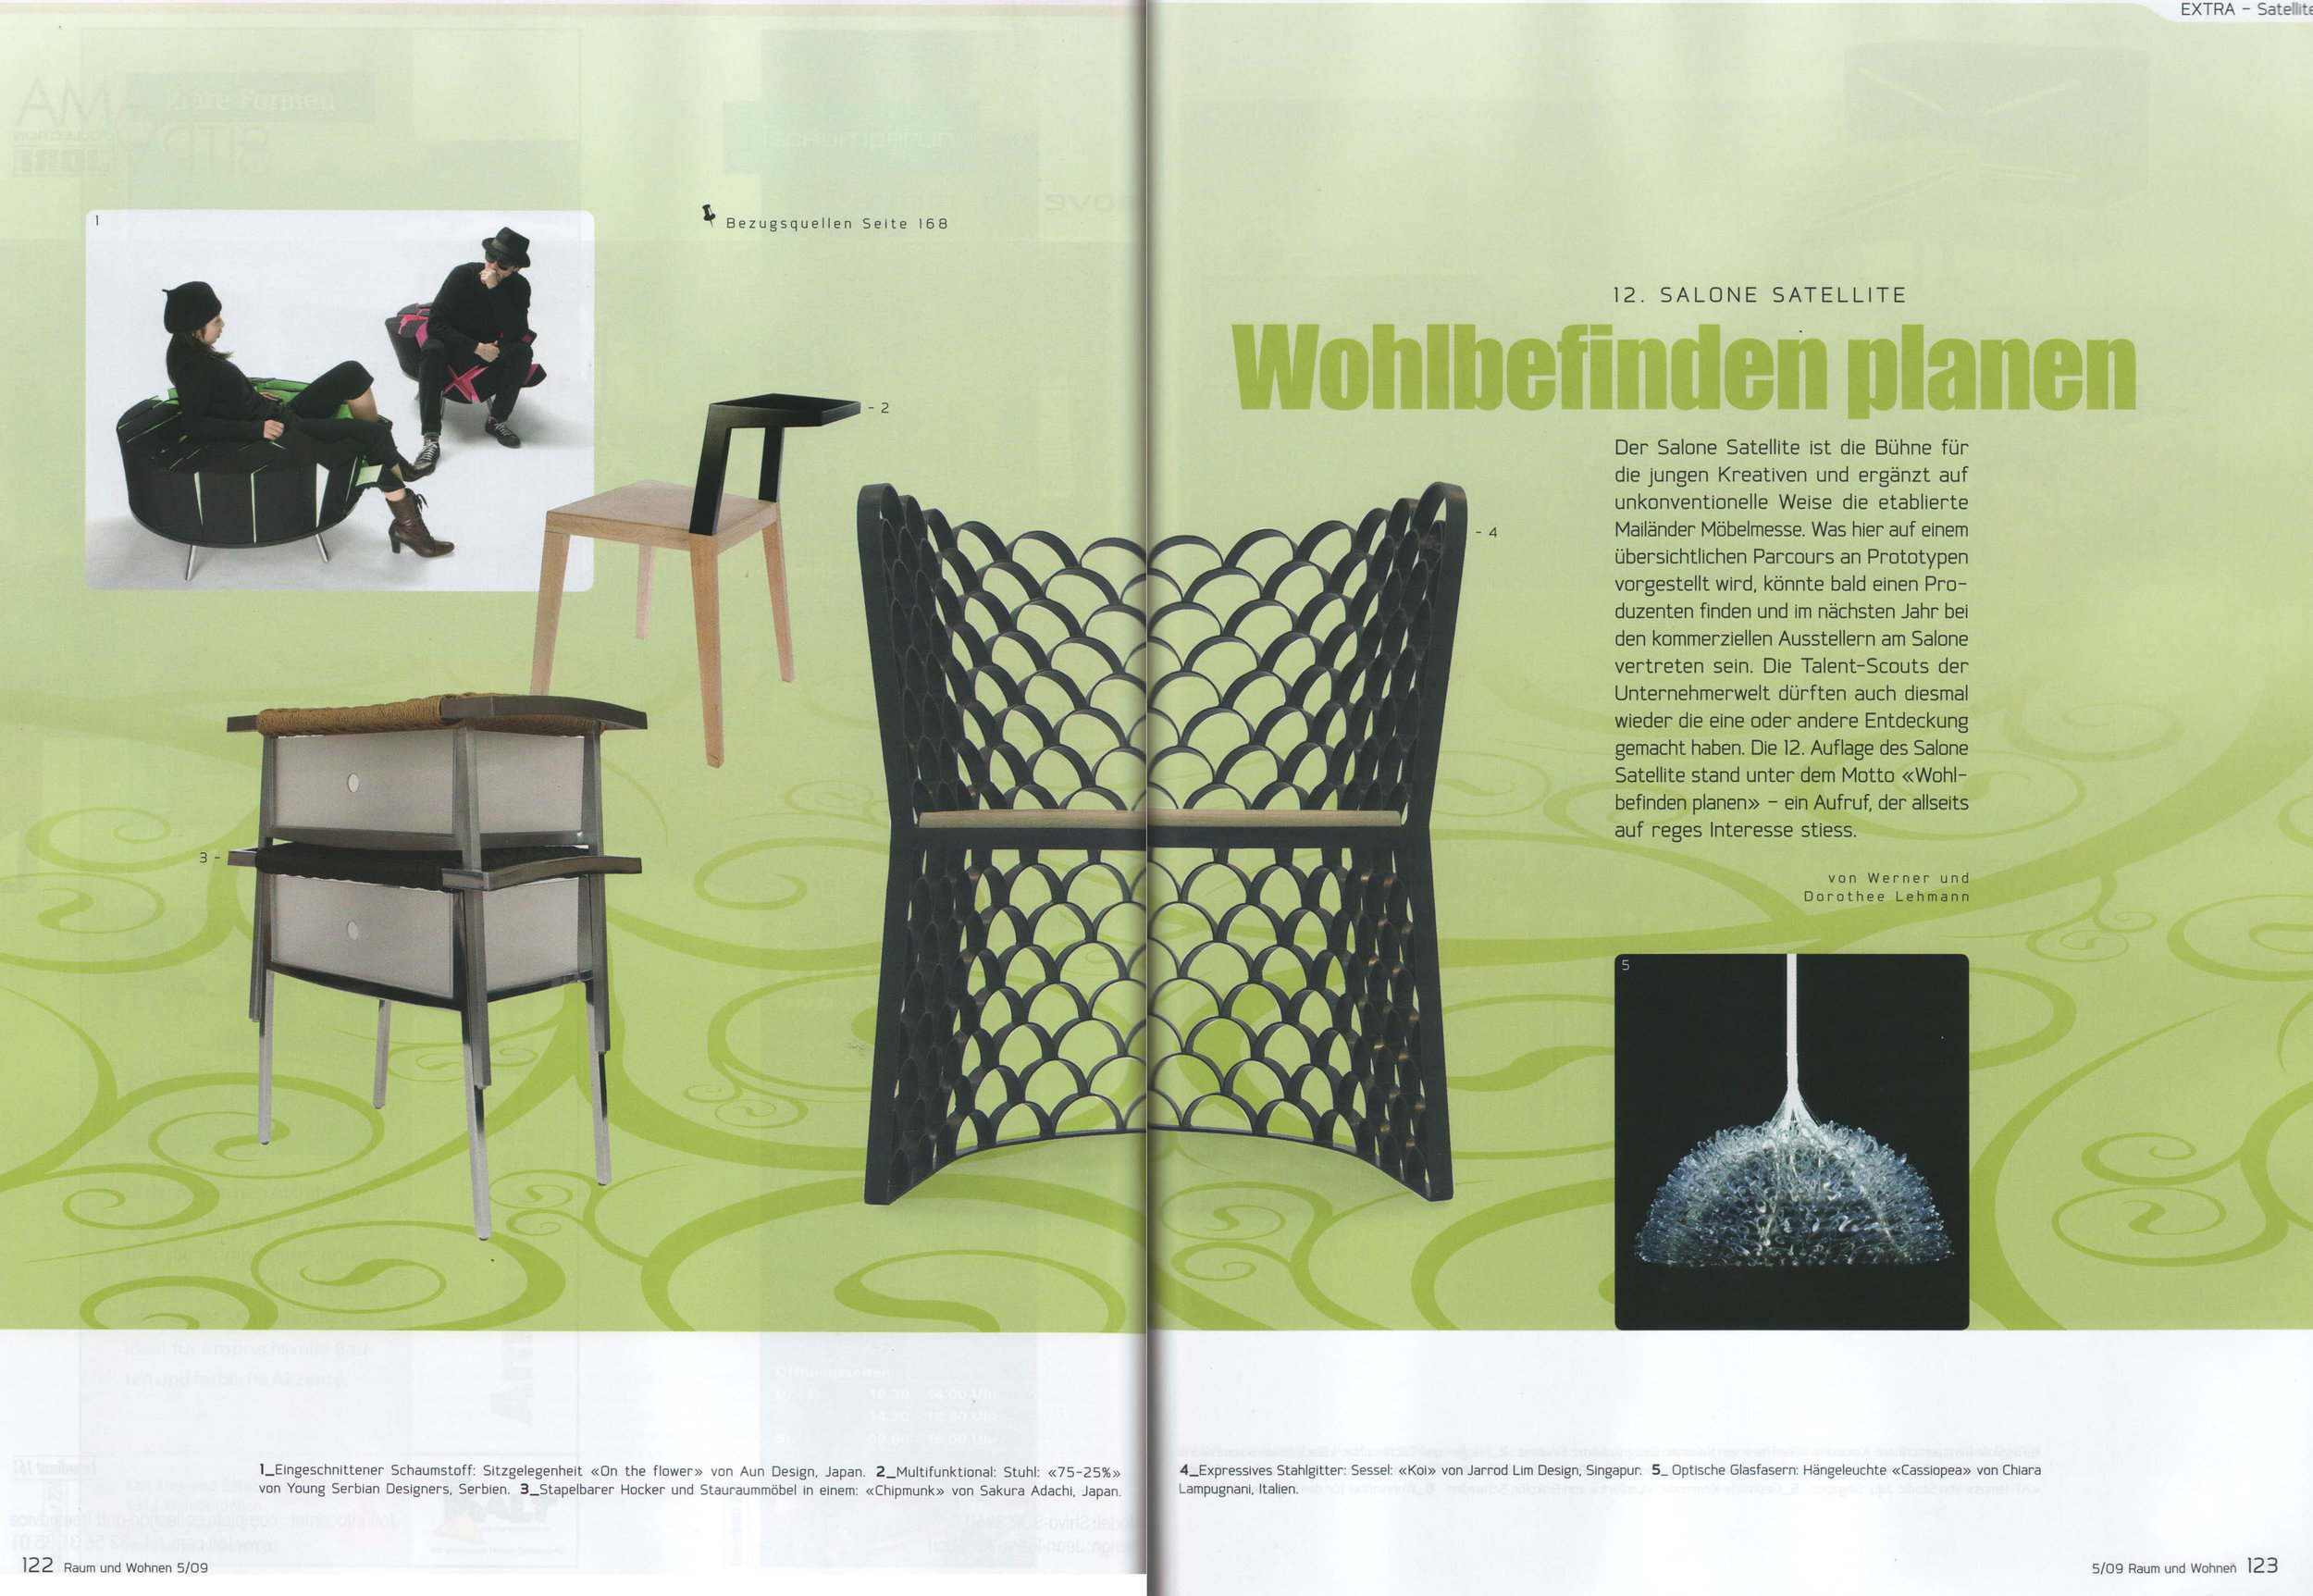 Raum und wohnen - September 2011